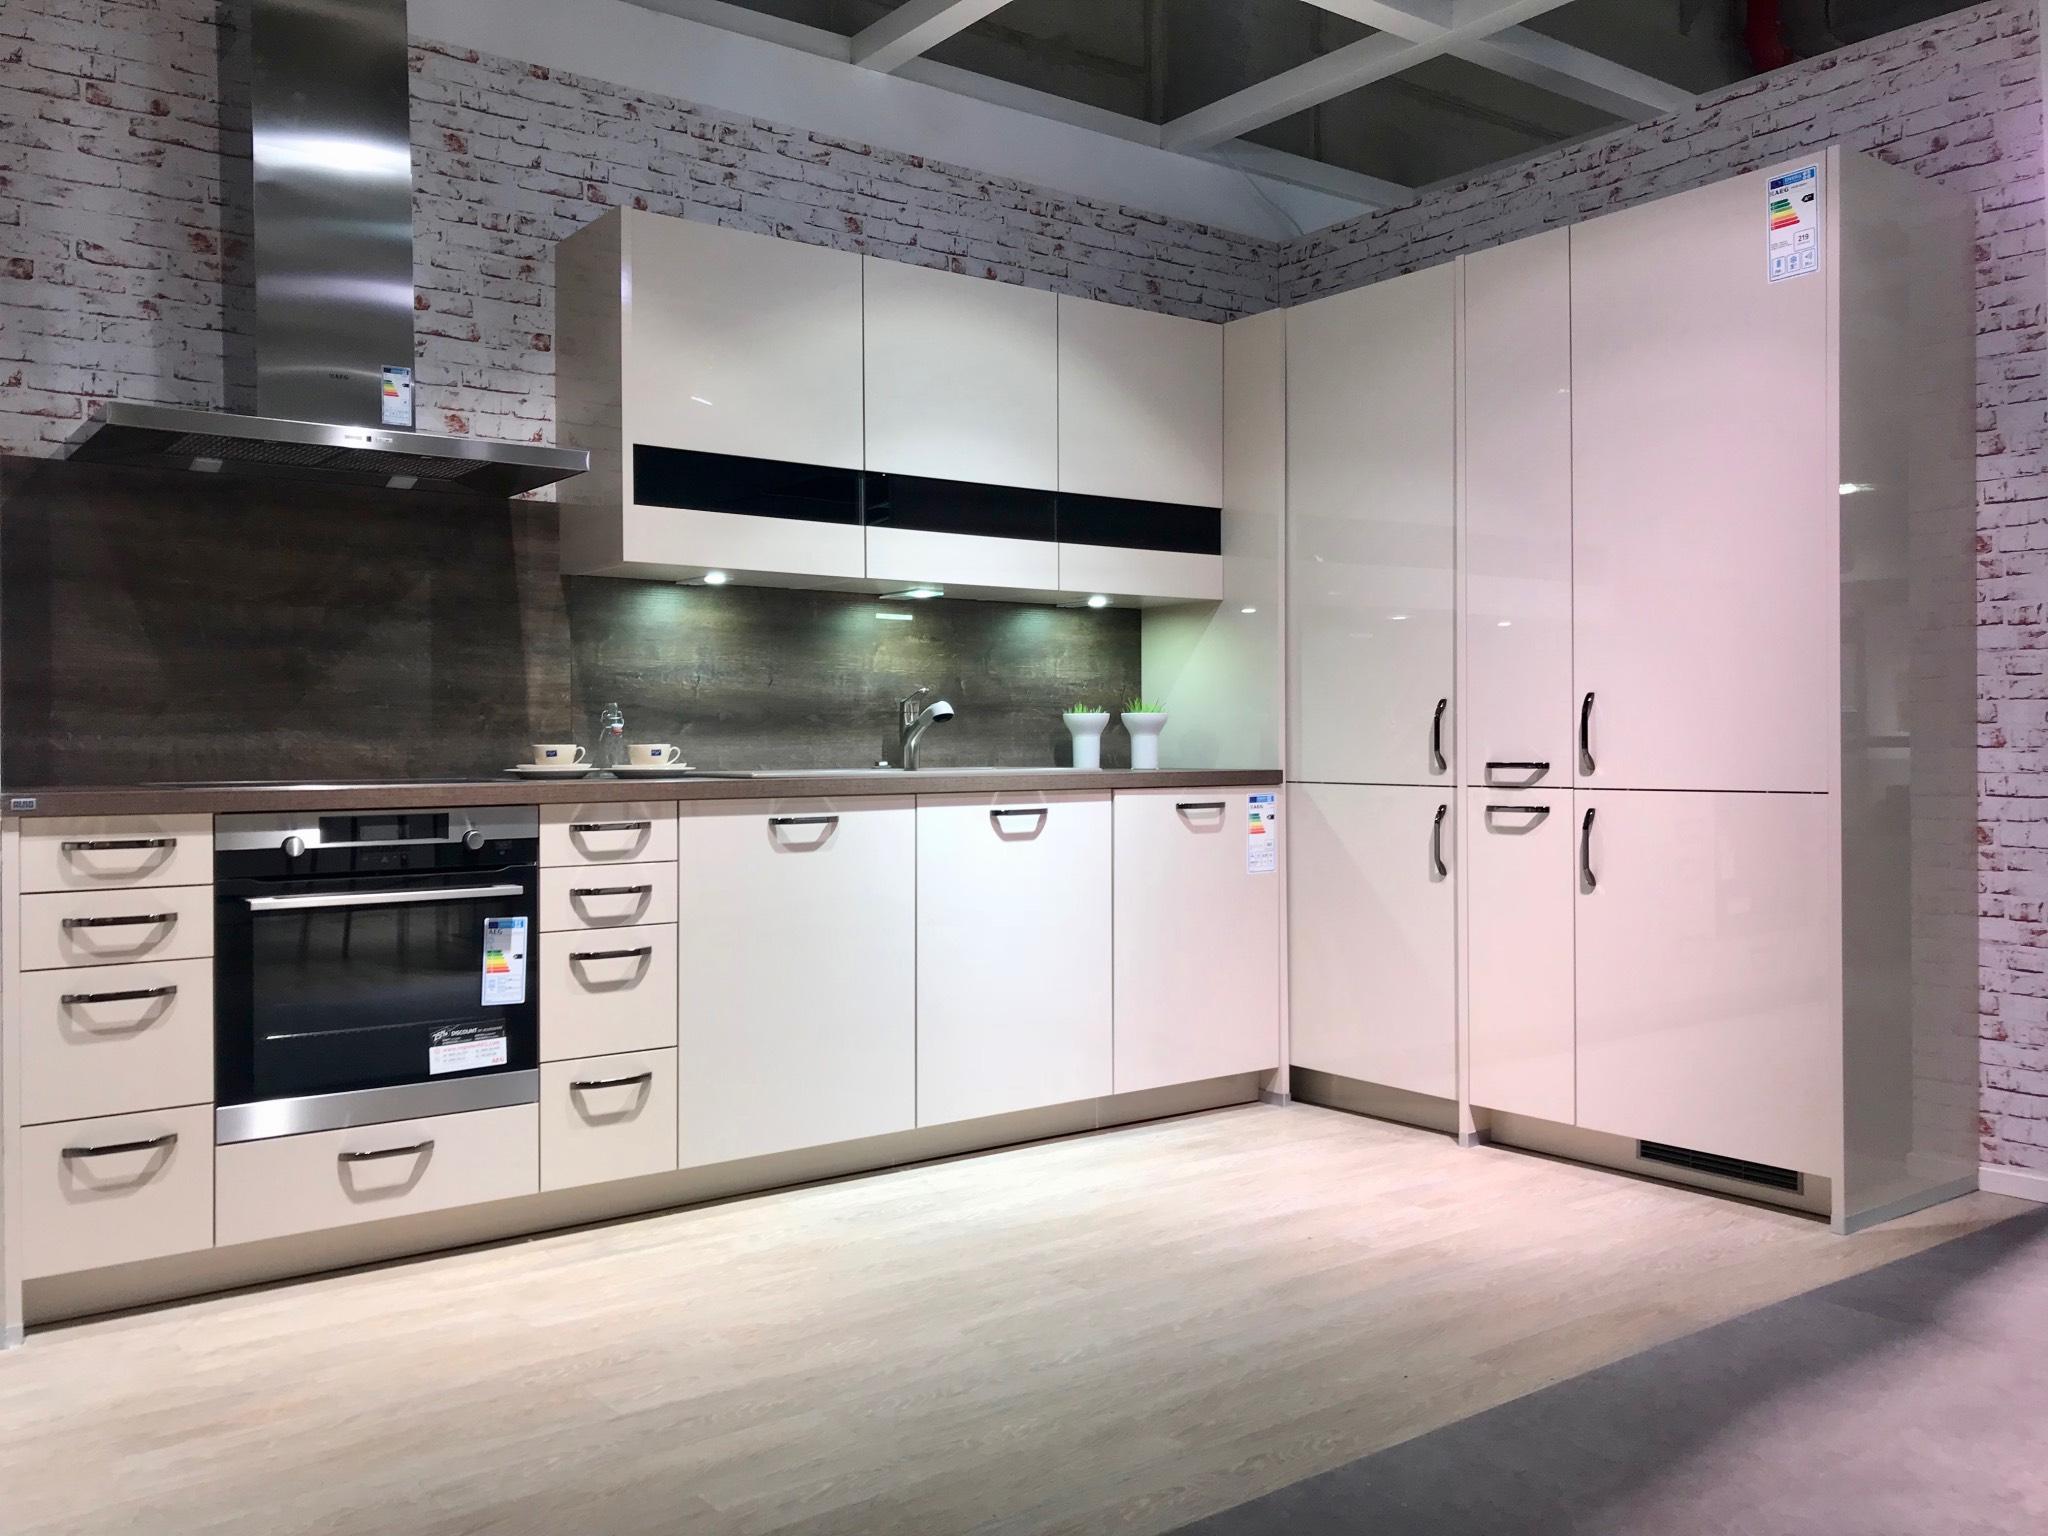 Full Size of Küchen Eckschrank Rondell Küche Schlafzimmer Bad Regal Wohnzimmer Küchen Eckschrank Rondell